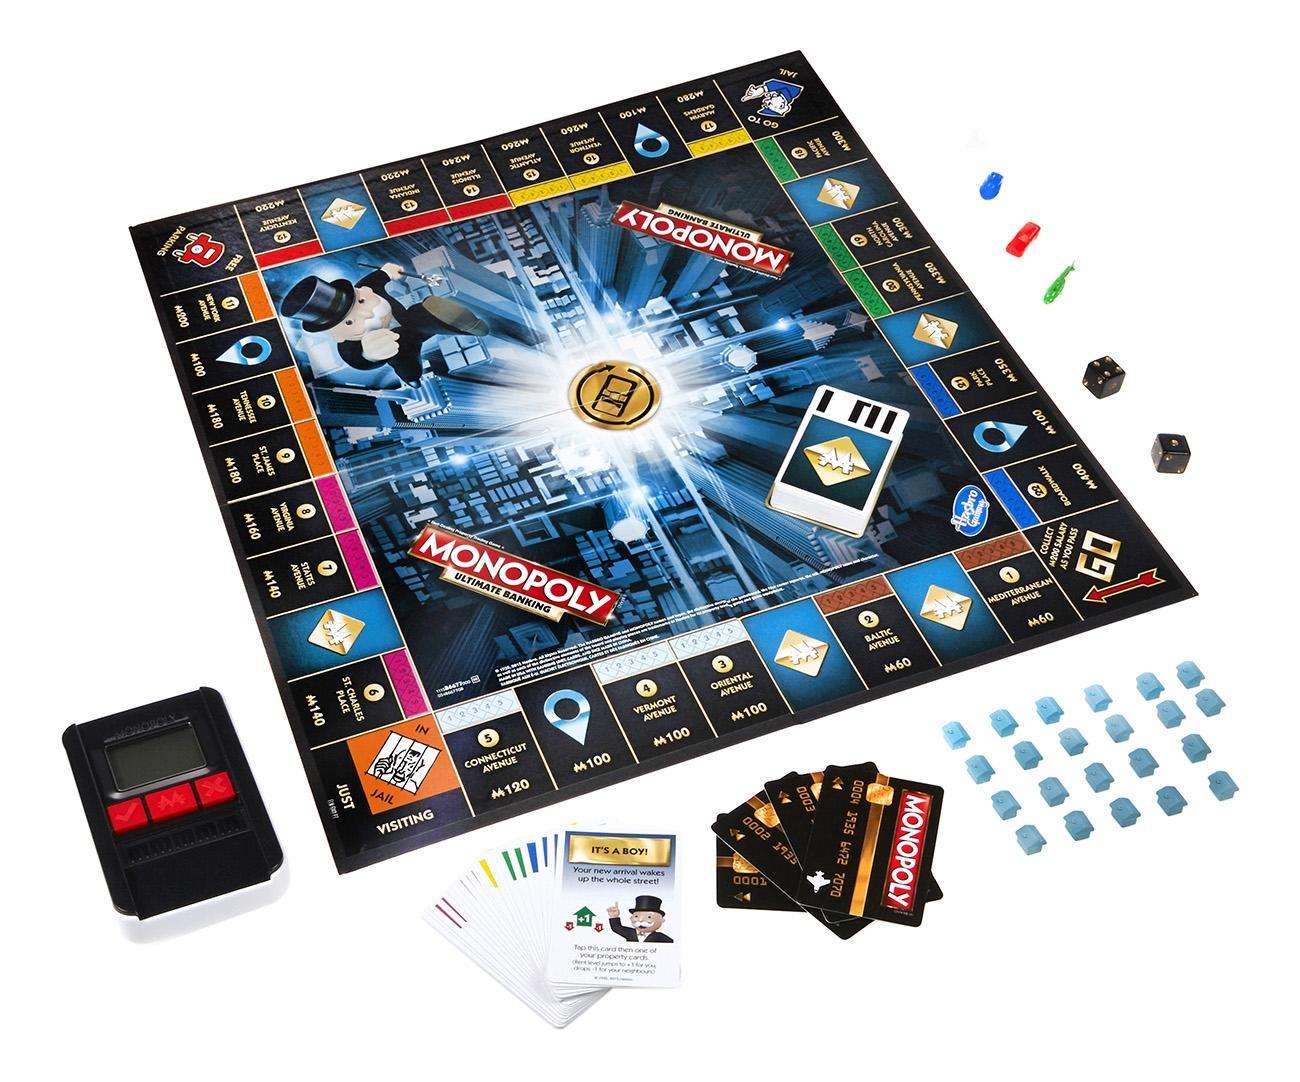 Купить Монополия с банковскими картами обновленная, Классическая настольная игра Монополия, Hasbro Games, Экономические настольные игры